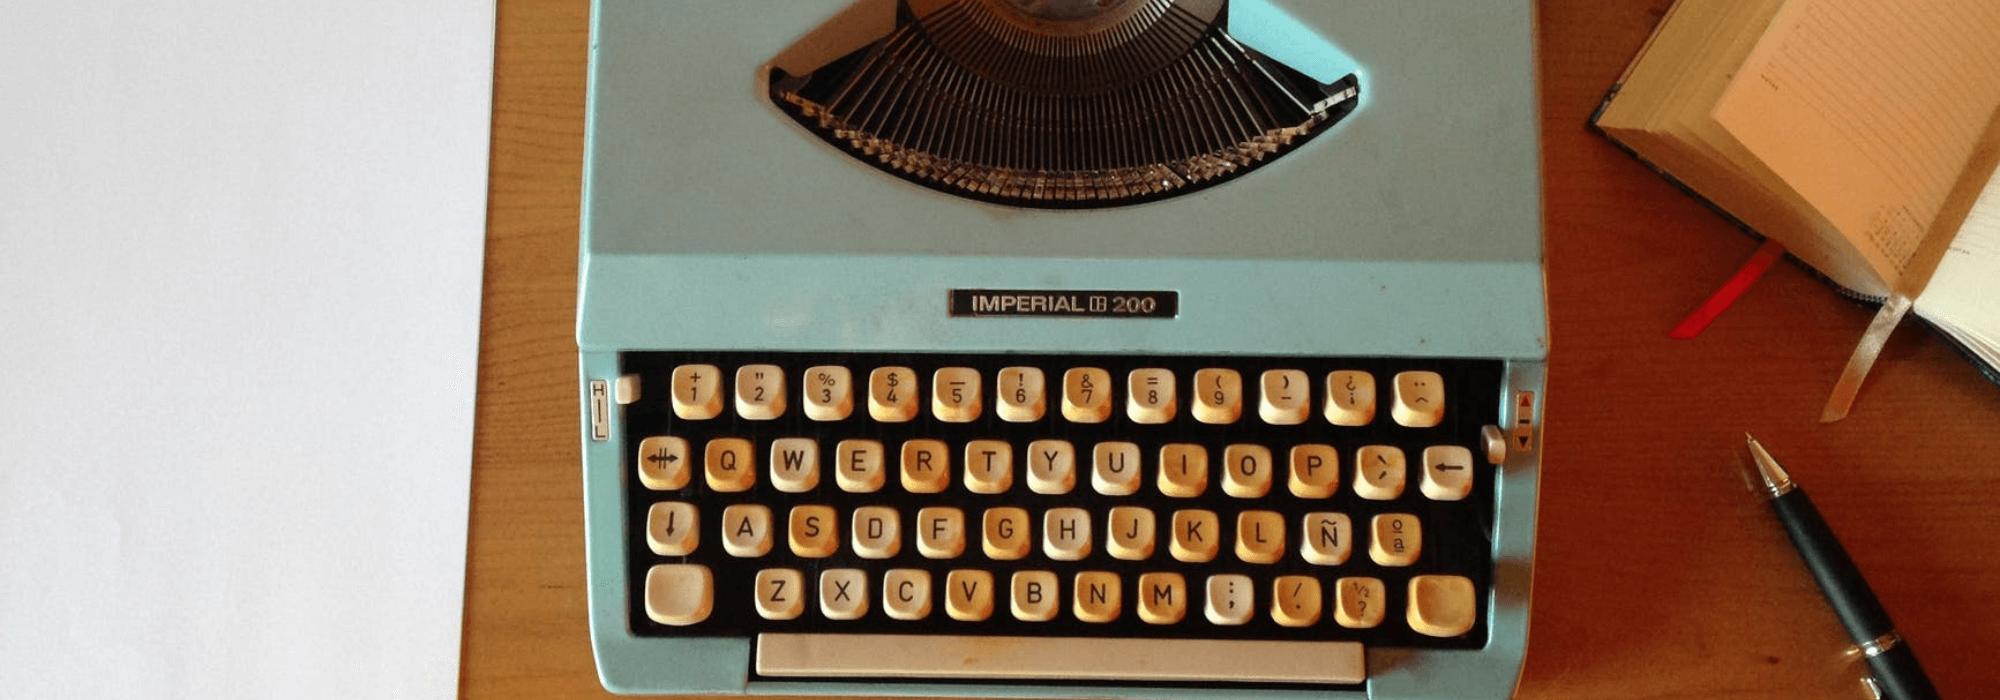 Spiegelhart | Blogs